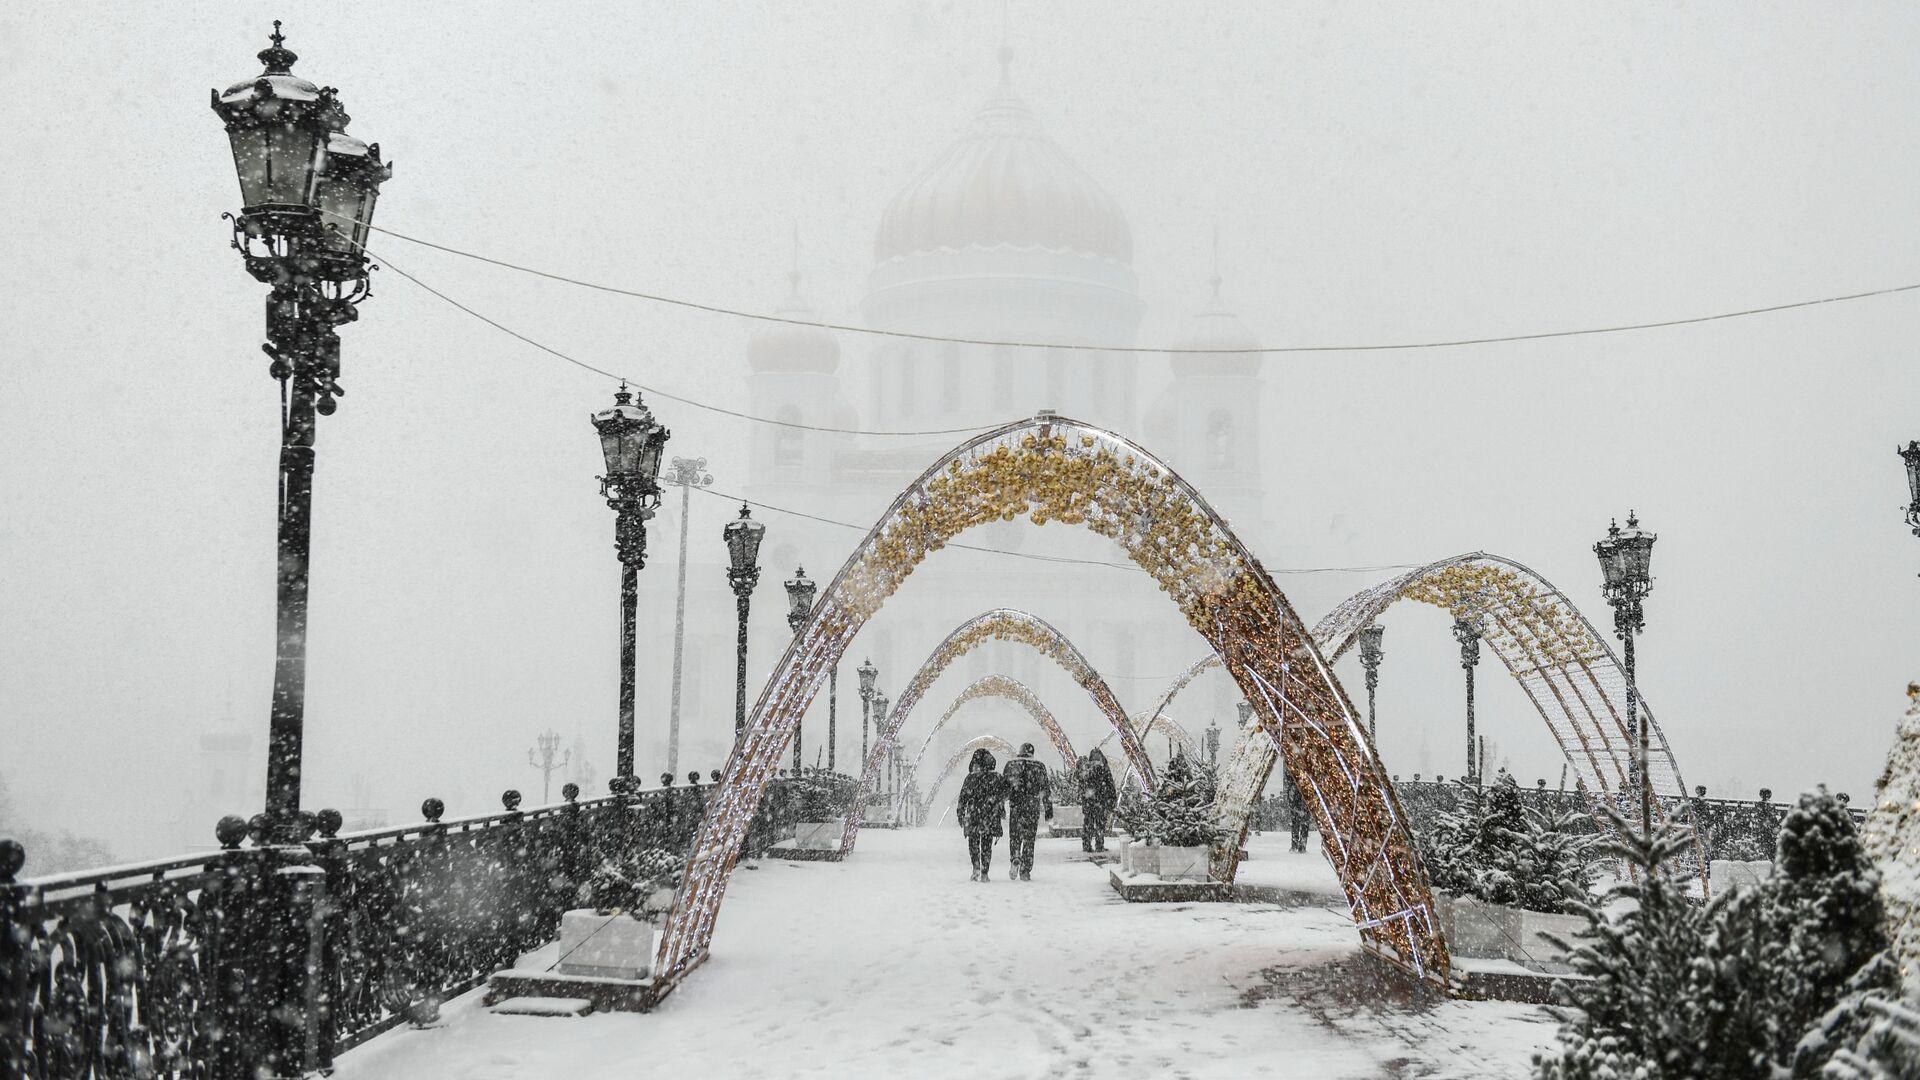 Снегопад в Москве - РИА Новости, 1920, 21.01.2021